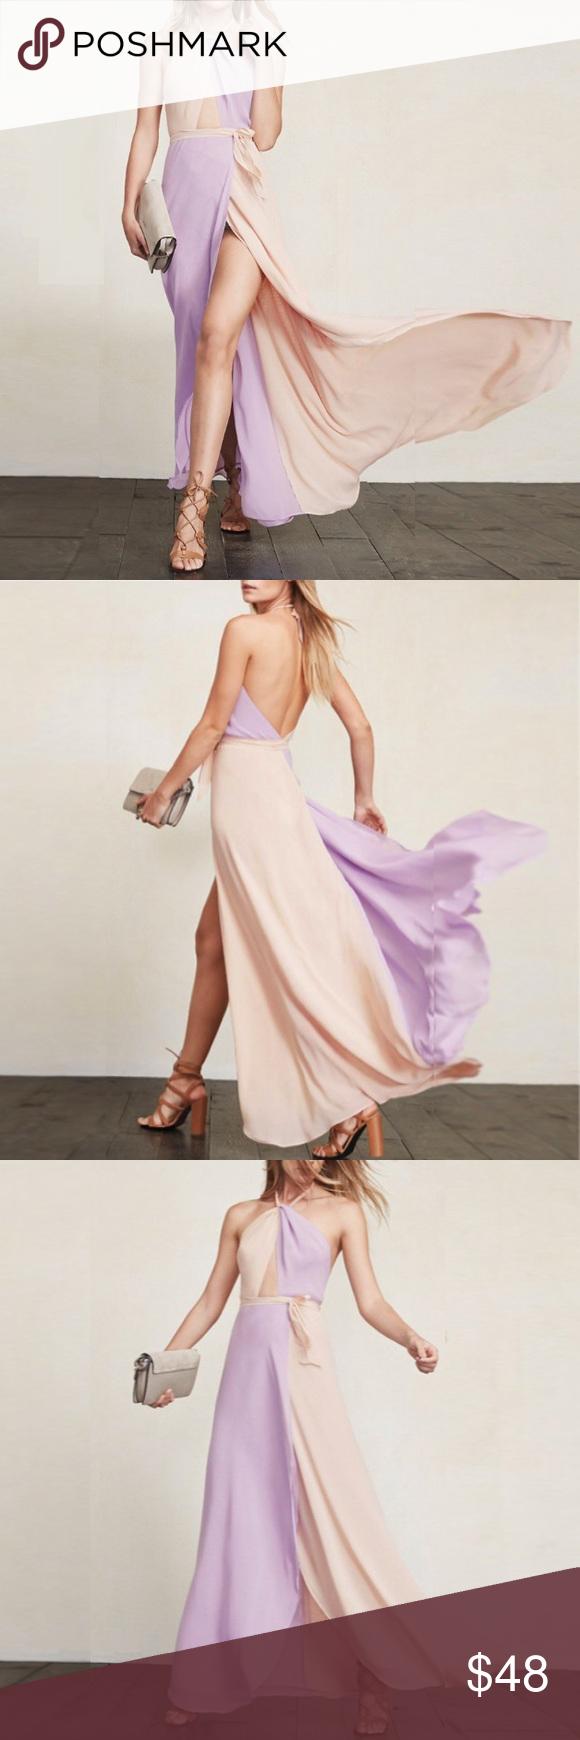 Apricot purple maxi dress estella halter new purple maxi